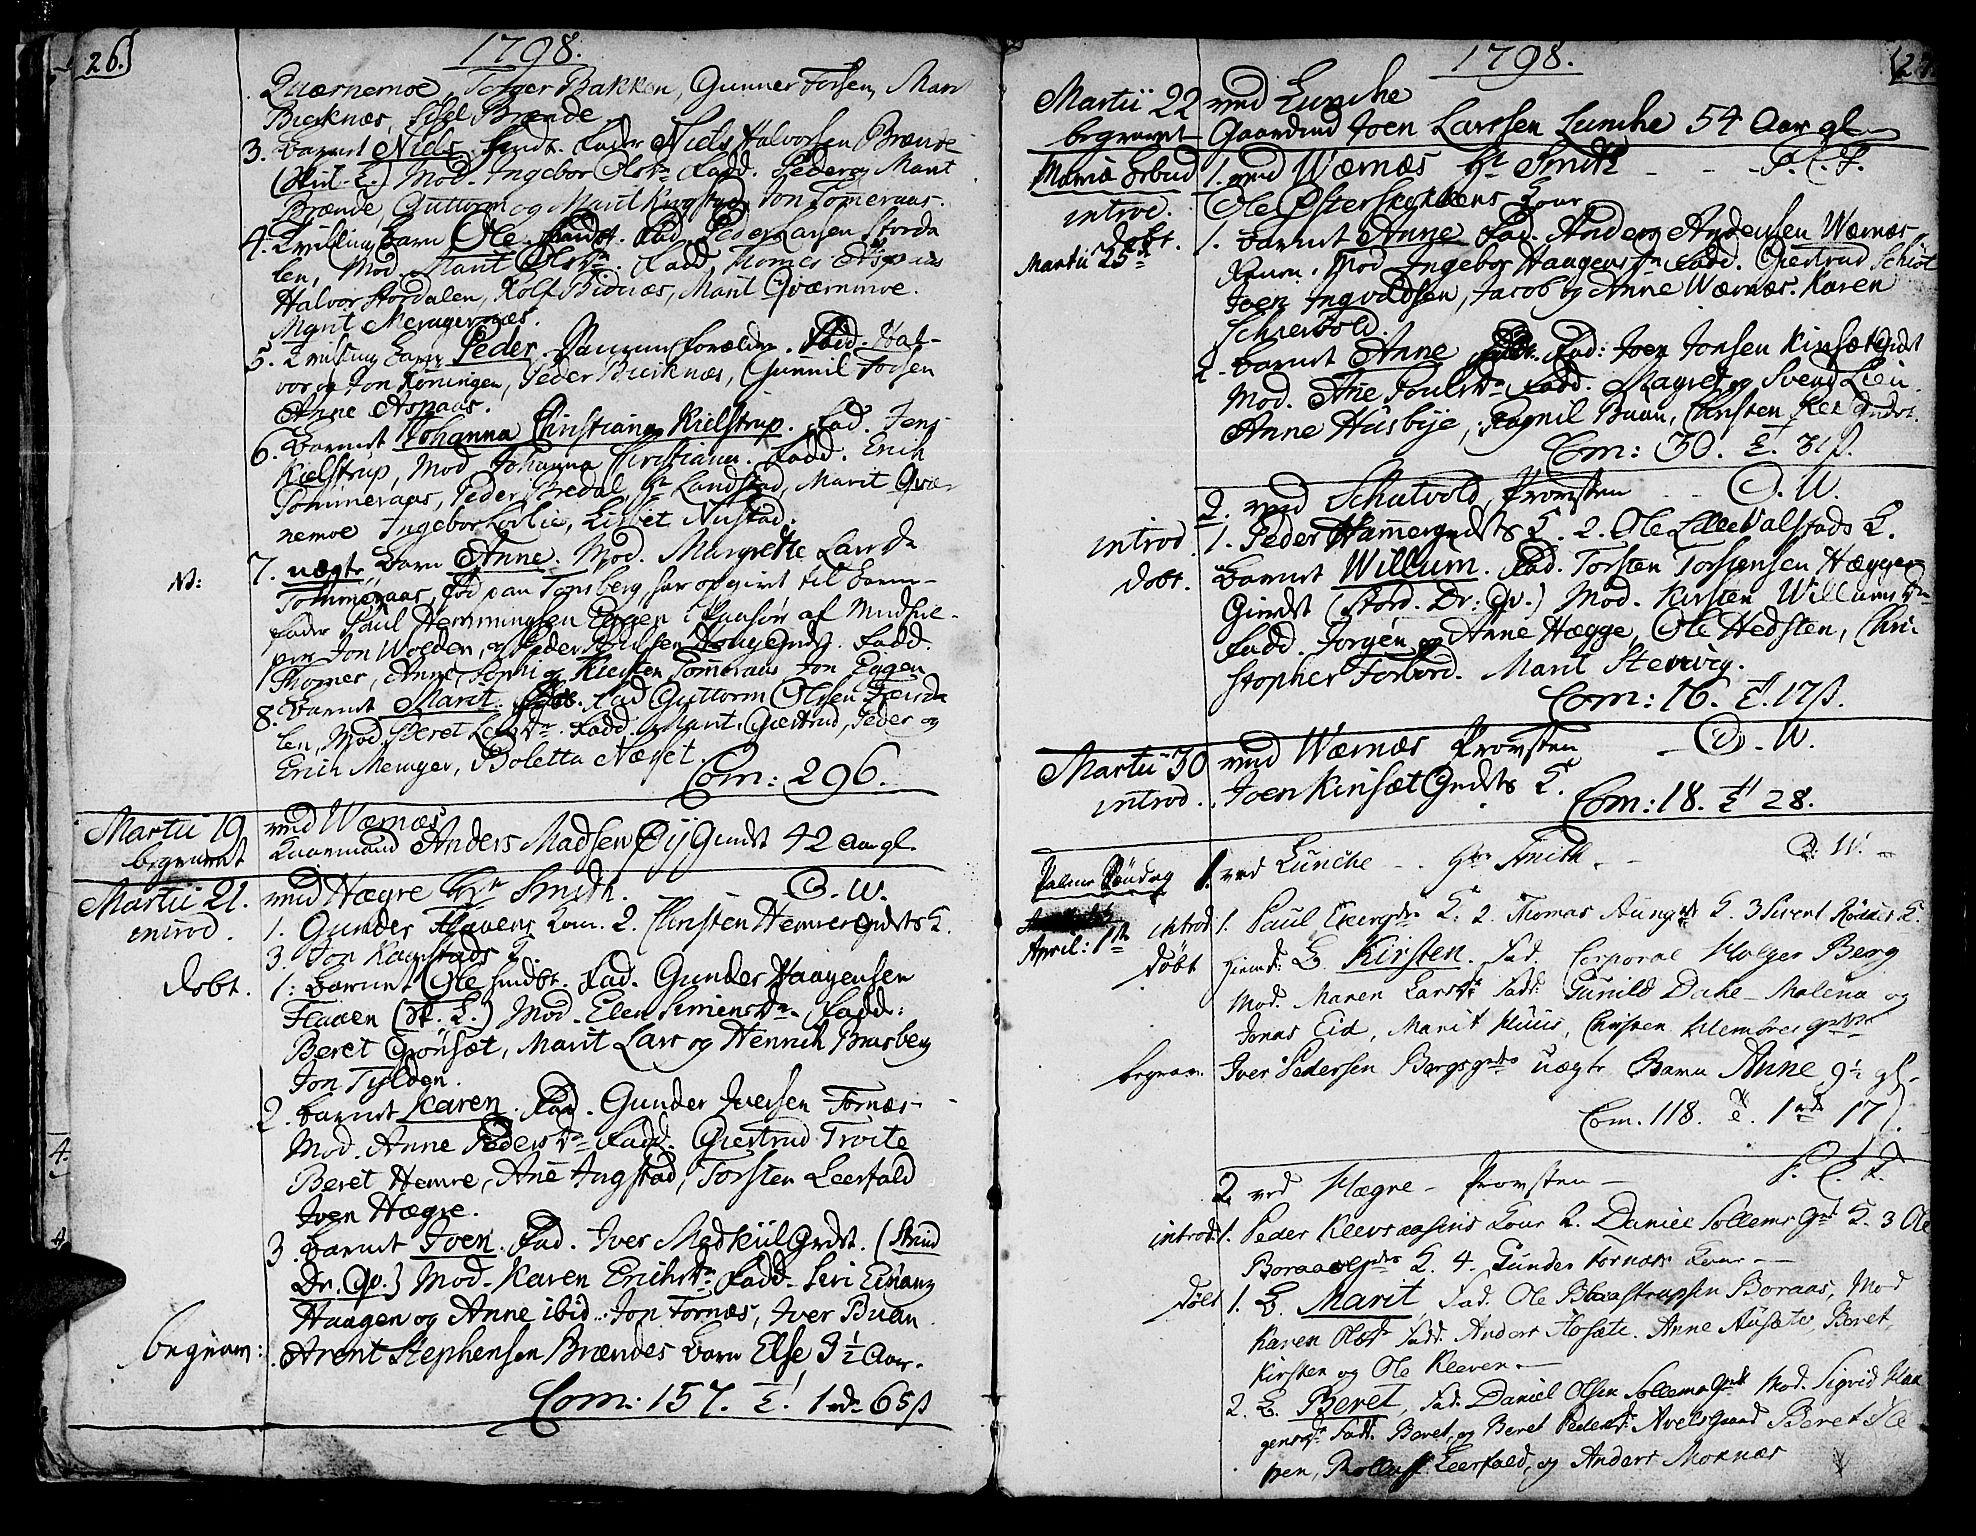 SAT, Ministerialprotokoller, klokkerbøker og fødselsregistre - Nord-Trøndelag, 709/L0060: Ministerialbok nr. 709A07, 1797-1815, s. 26-27